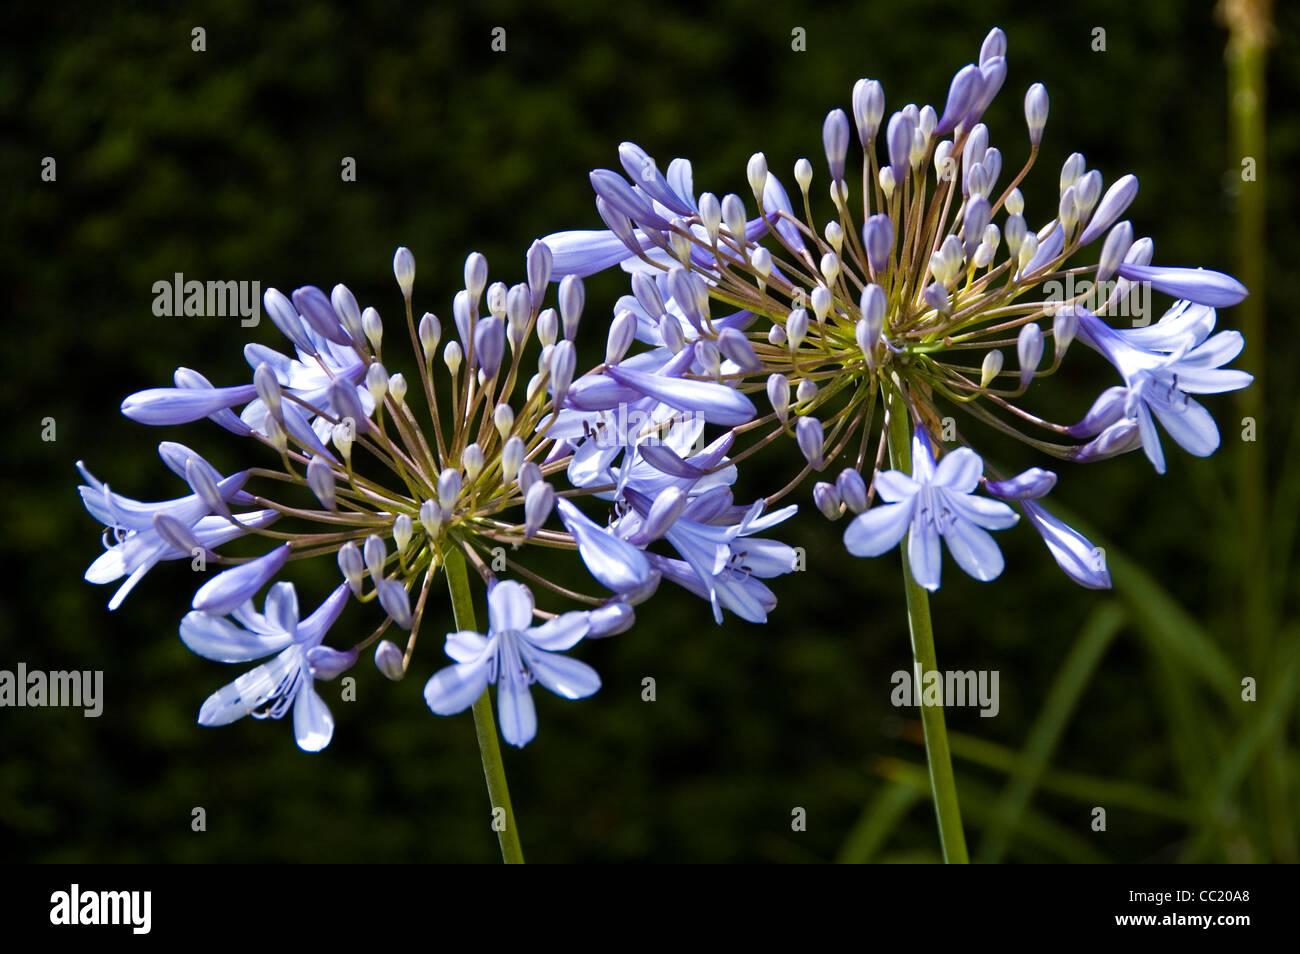 Agapanthus Delft - Flor de Lis africanos cercha Foto de stock